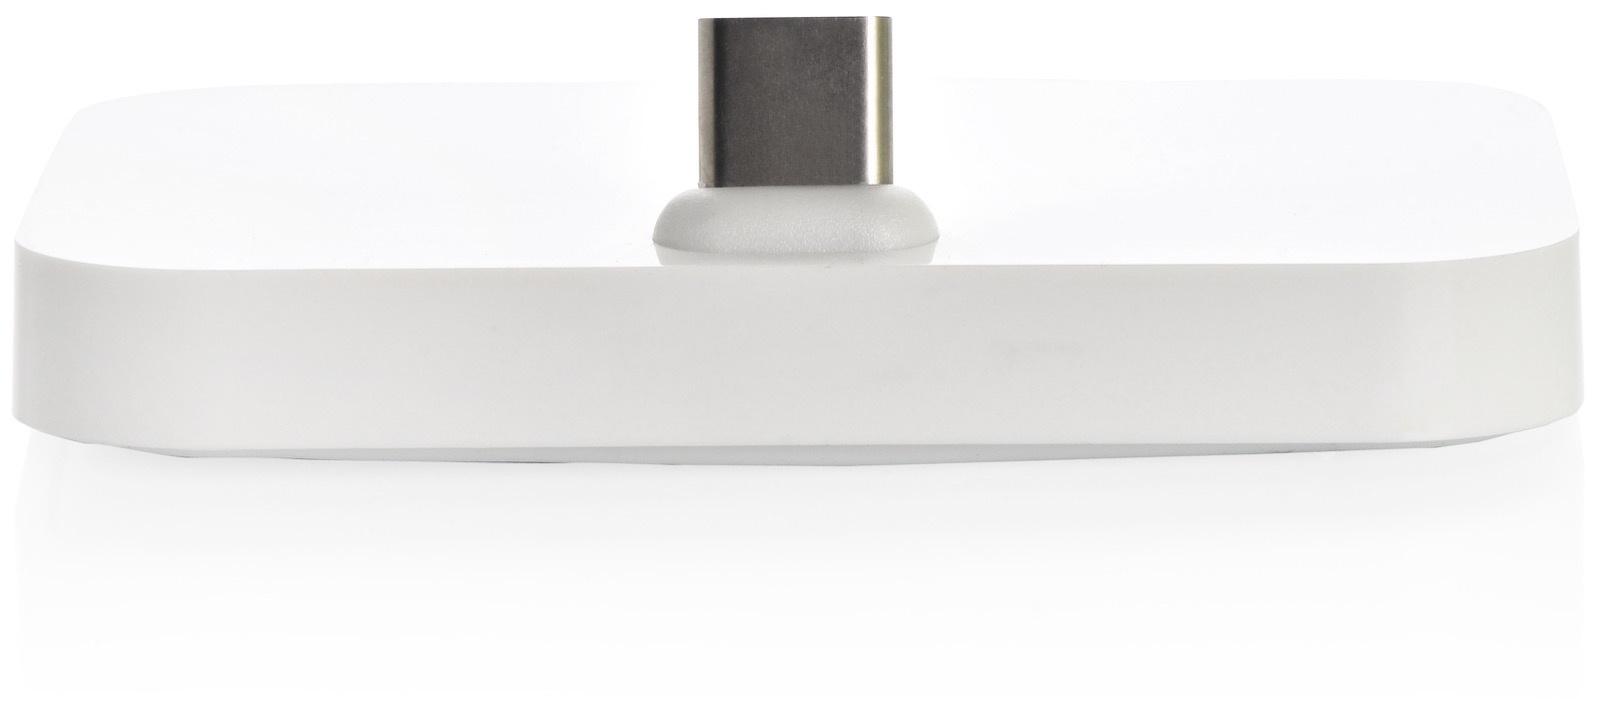 Док станция Gurdini white Type-C для смартфонов,908322, белый док станции usb c universal dock к zenbook 3 купить